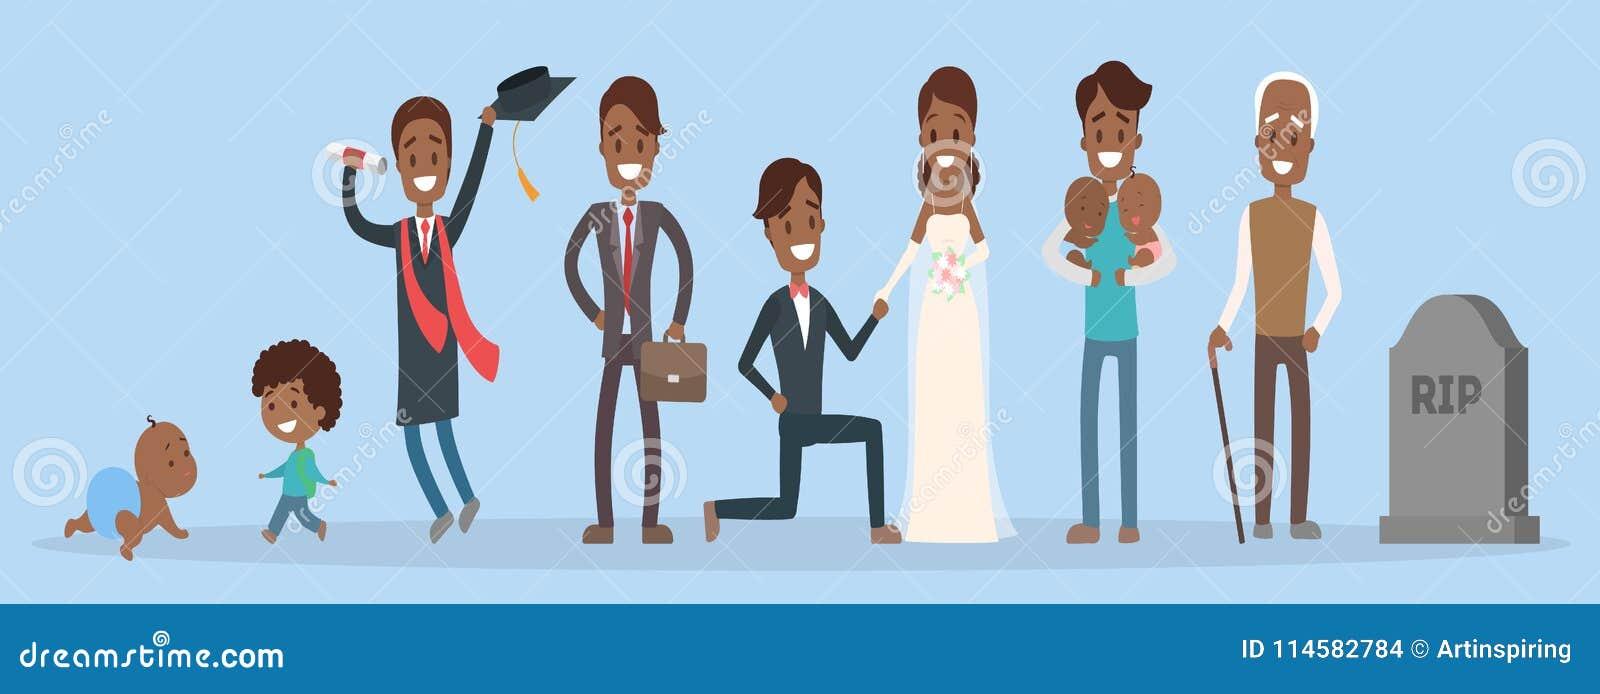 Ciclo Vital Del Ser Humano On Emaze: Ciclo De Vida Do Homem Ilustração Do Vetor. Ilustração